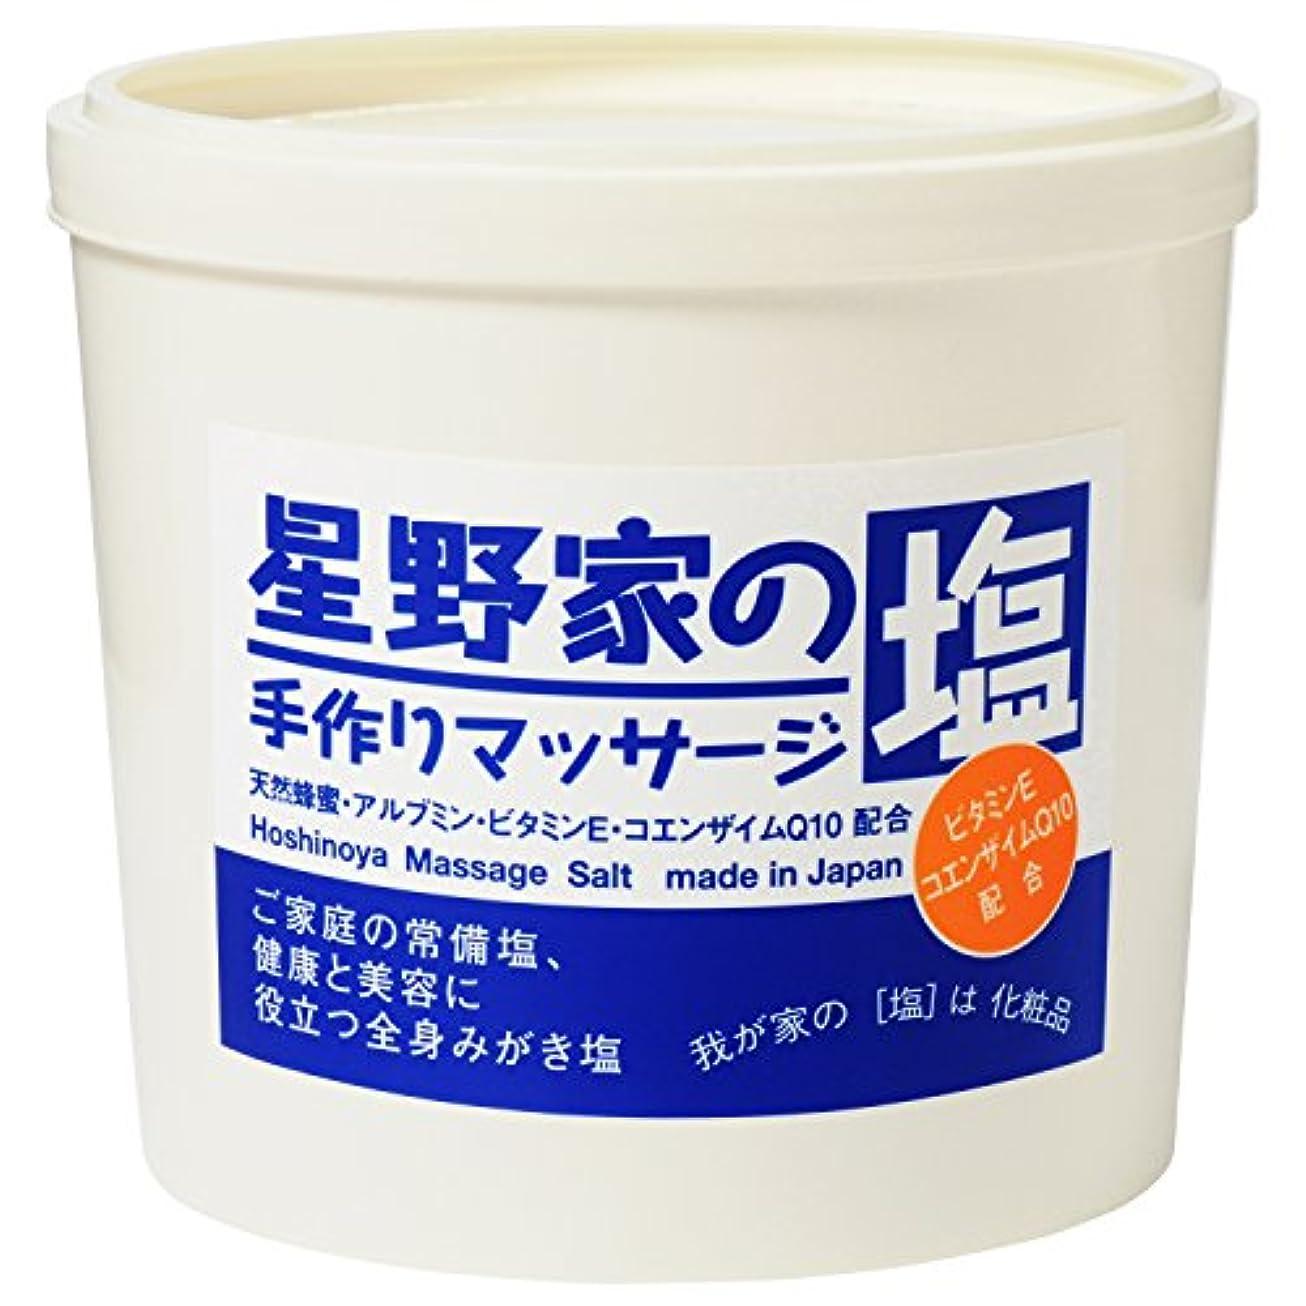 星野家の手作りマッサージ塩【お徳用?950g】 ボディスクラブ/角質対策&全身用ボディケア